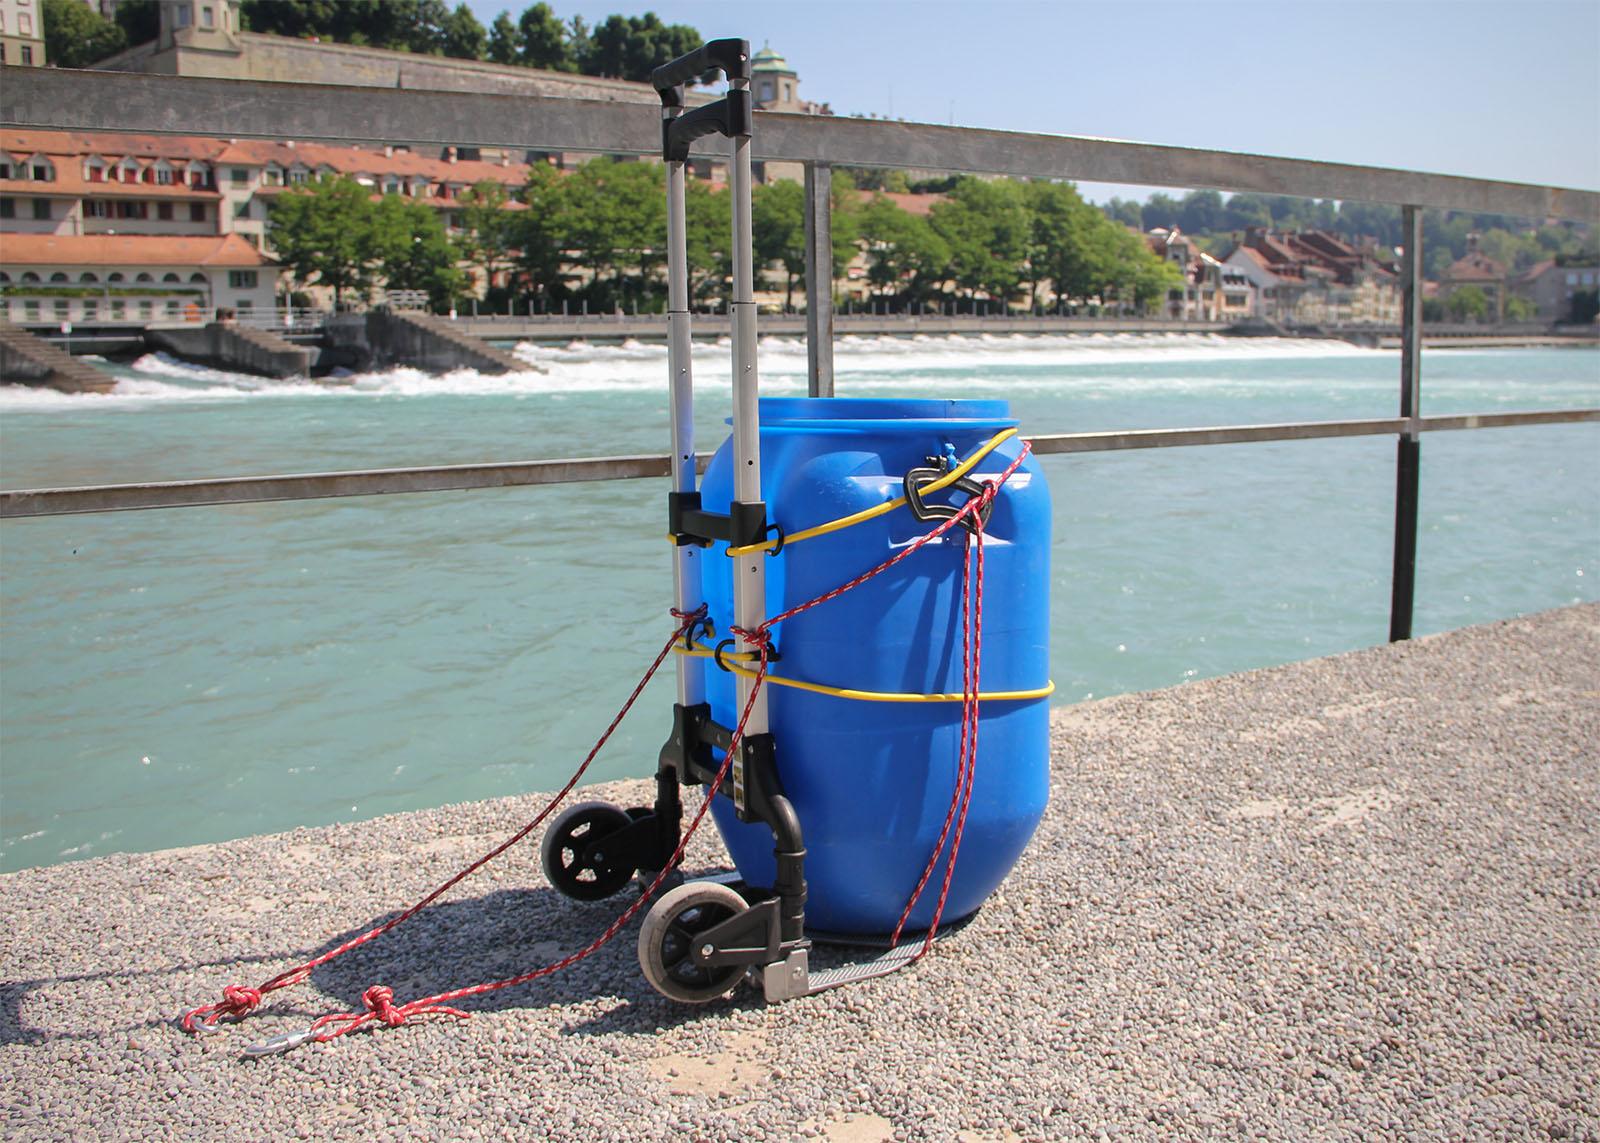 Mit Sackkarren und Fass lässt sich das Boot sowie andere Ausrüstung bequem an den Fluss transportieren